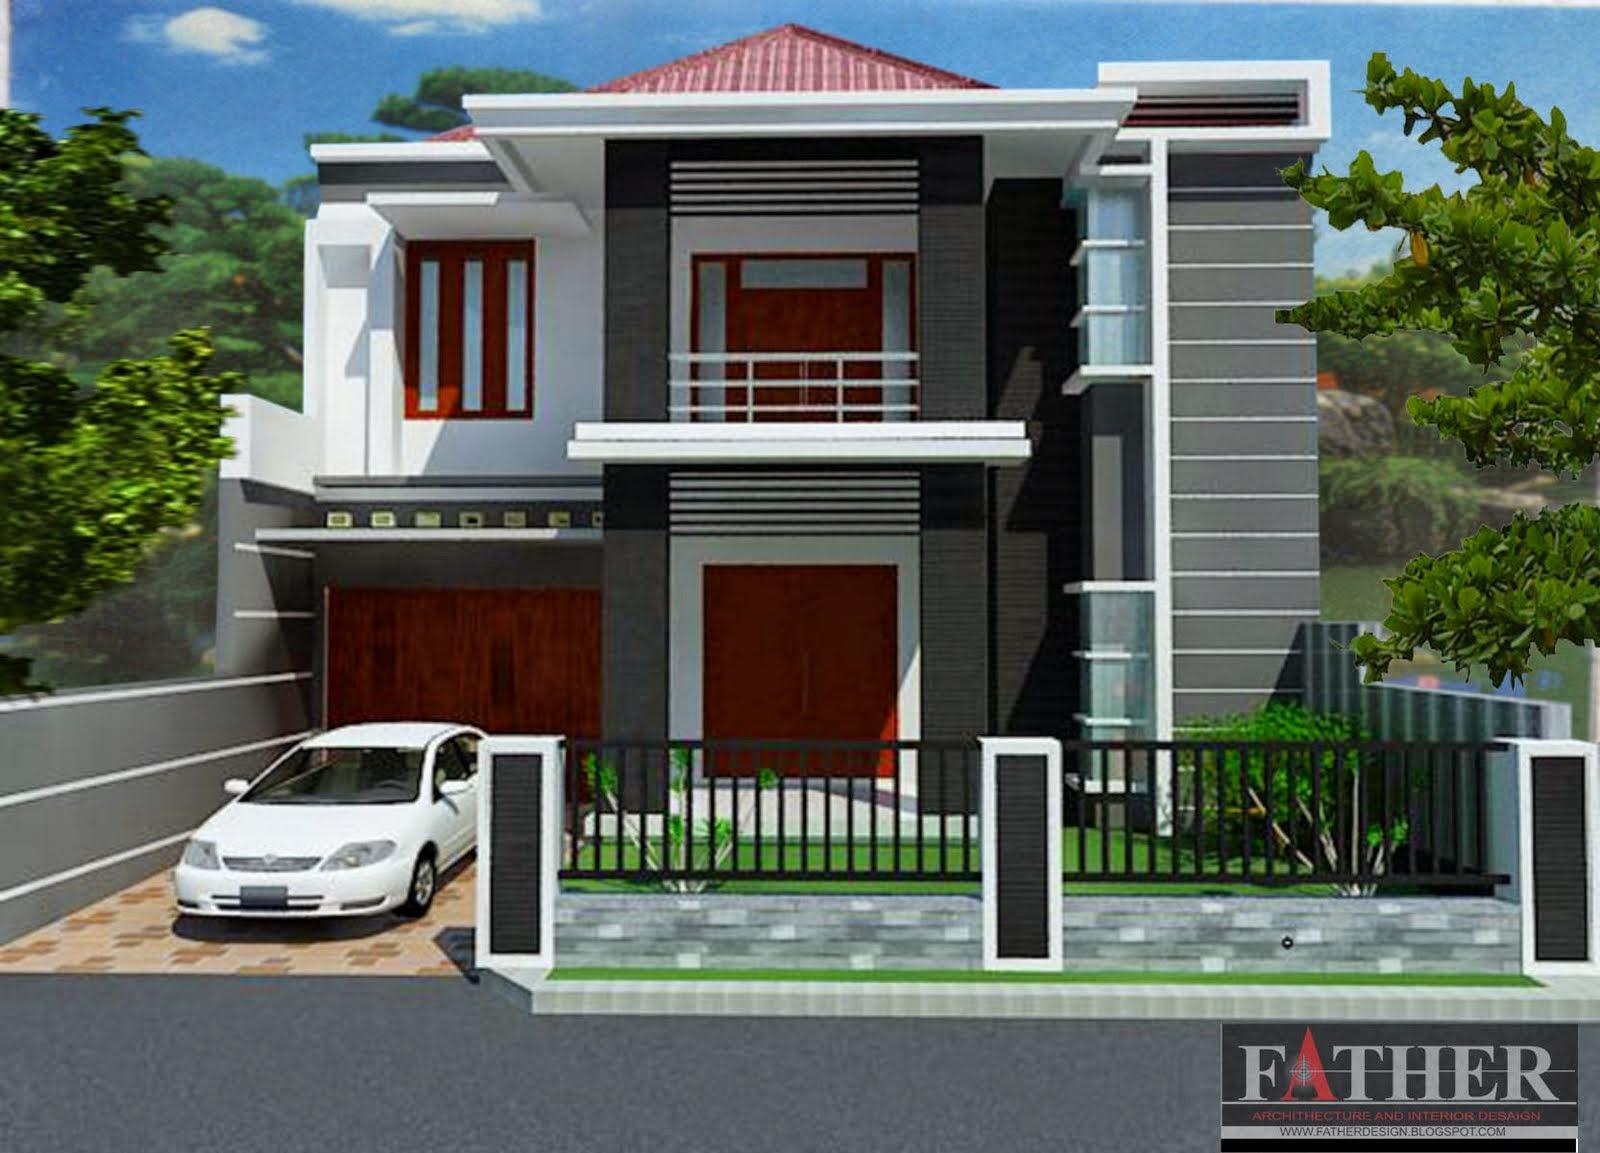 Baru Desain Rumah Minimalis 2 Lantai Type 45/72, Rumah ...